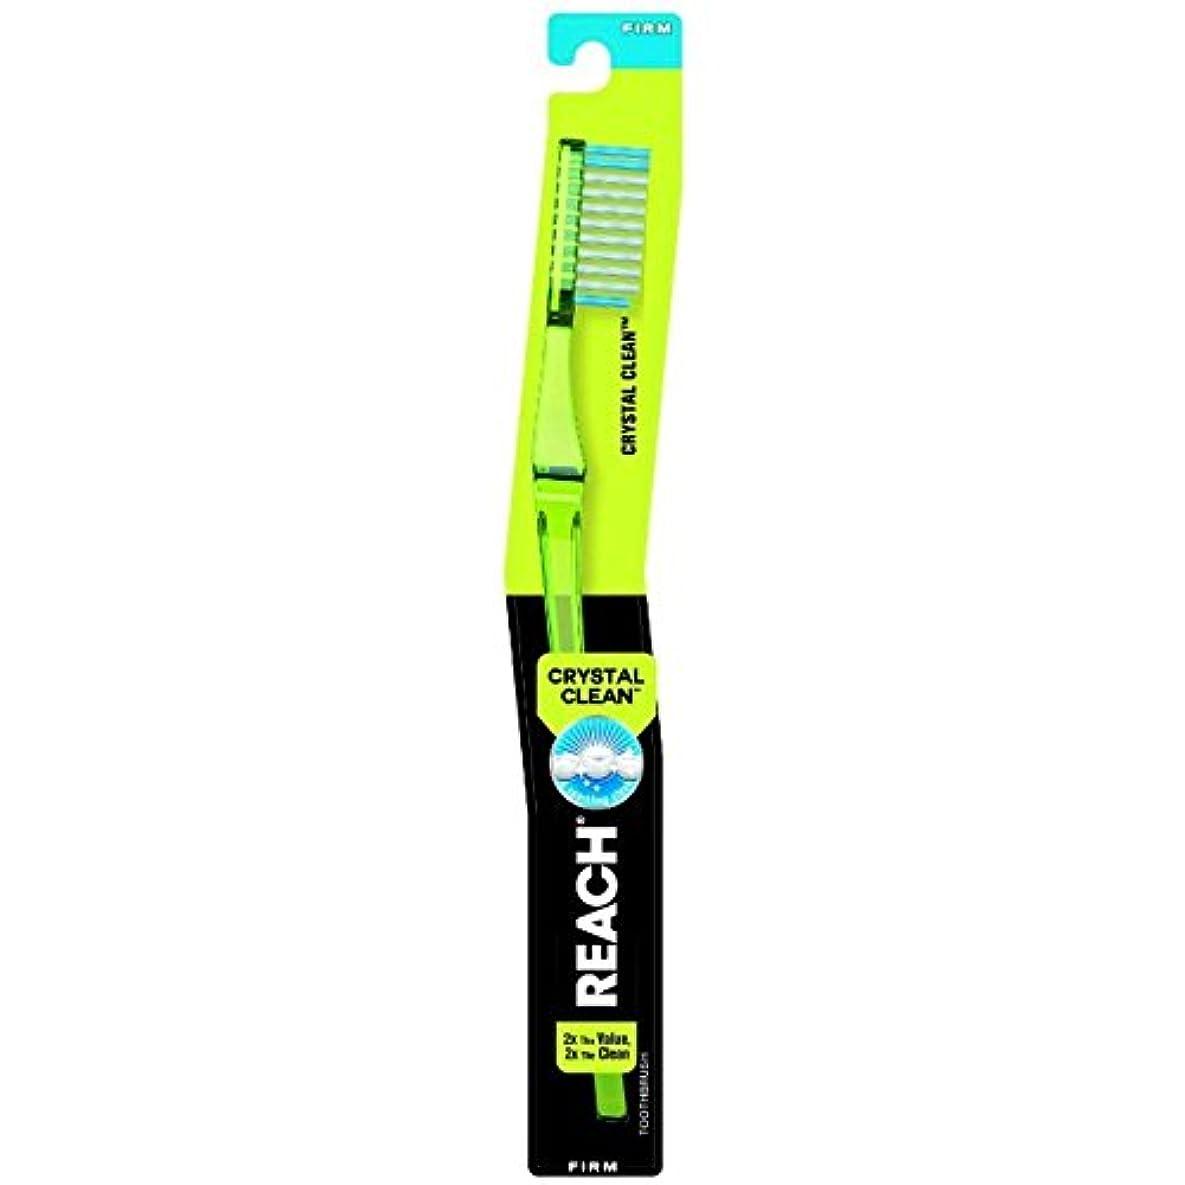 キノコ冷蔵庫重要なReach クリスタルクリーン事務所抗菌キャップ、1 EAで大人歯ブラシ - ブルー(4パック) 4パック